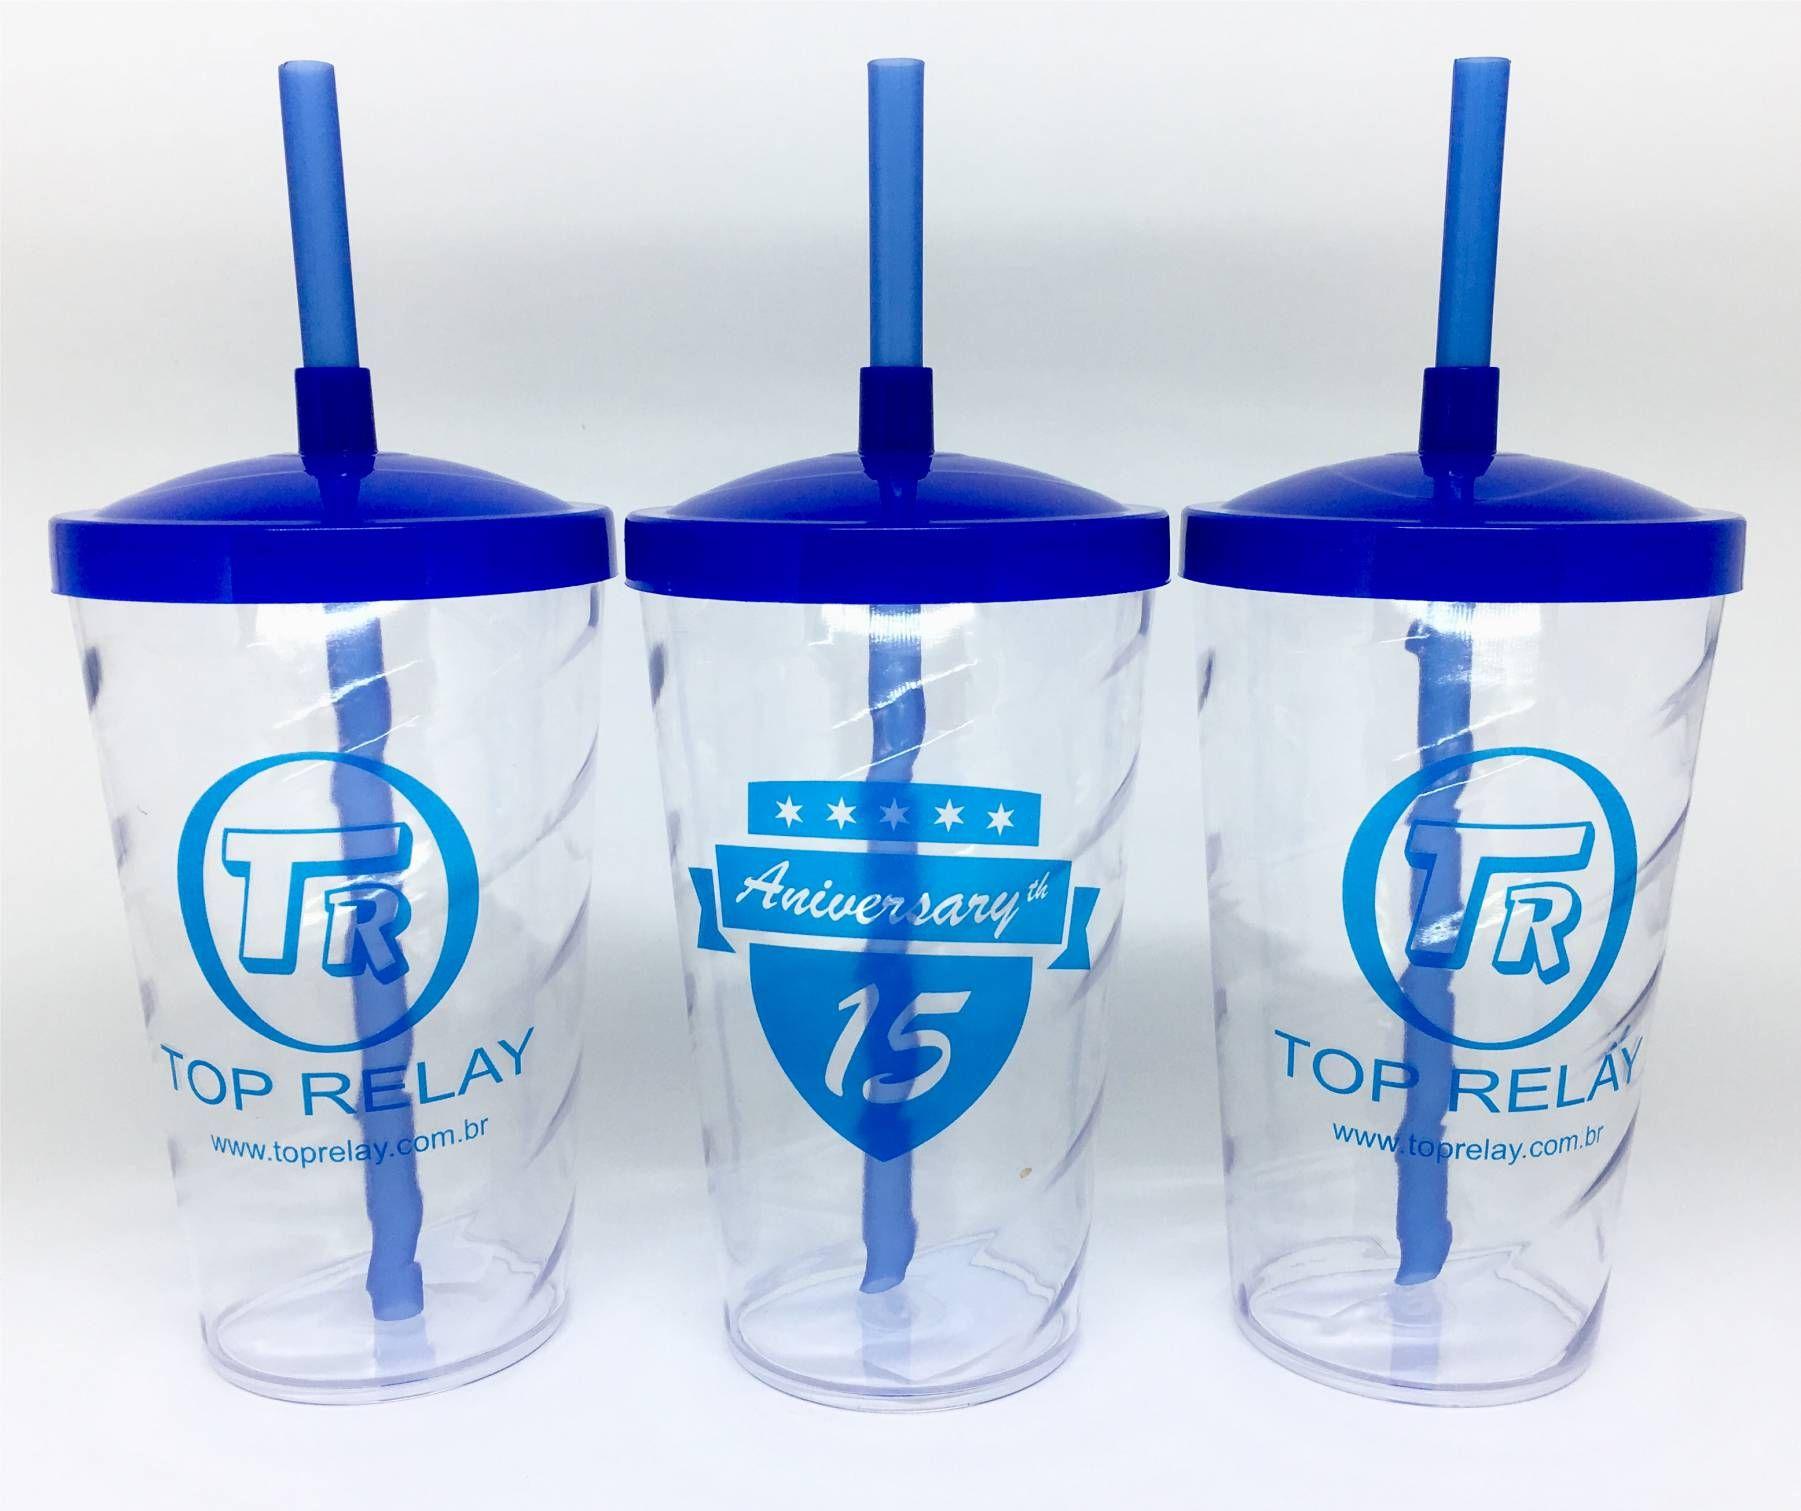 Copo Shake com Tampa e Canudo Personalizado 500 ml - Kit 100 unidades  - Bolas Lassabia - Bolas e Brindes Personalizados